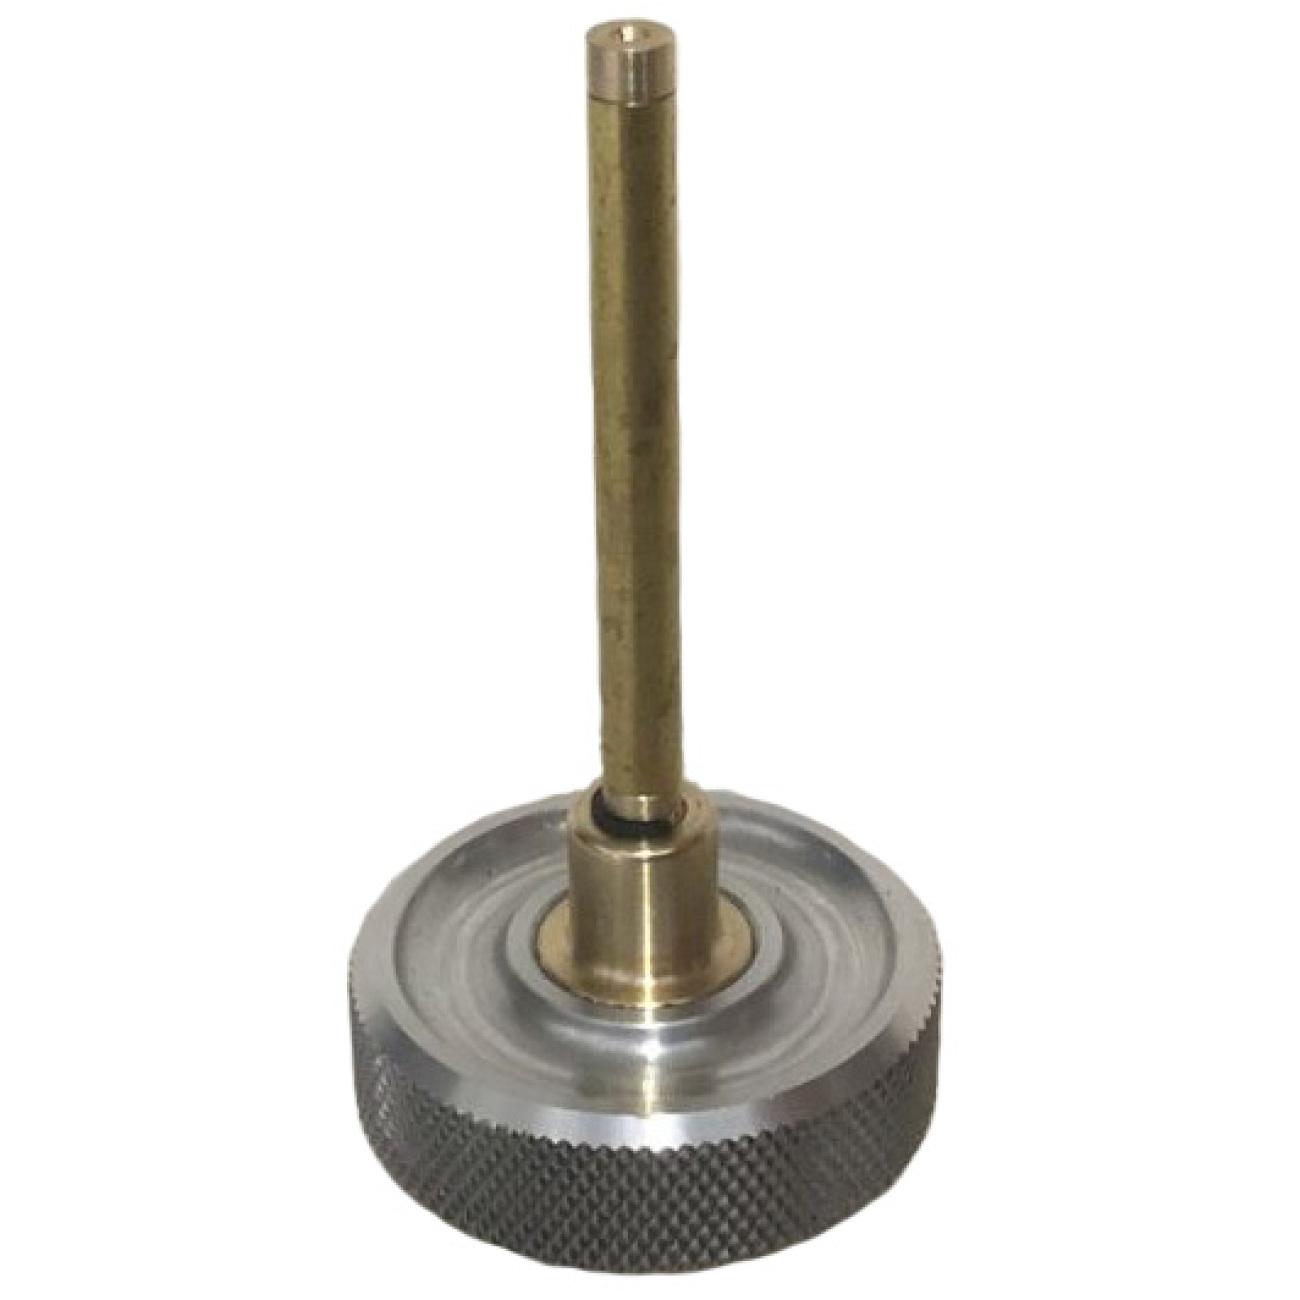 BIX 19 - Gas Refill Adapter